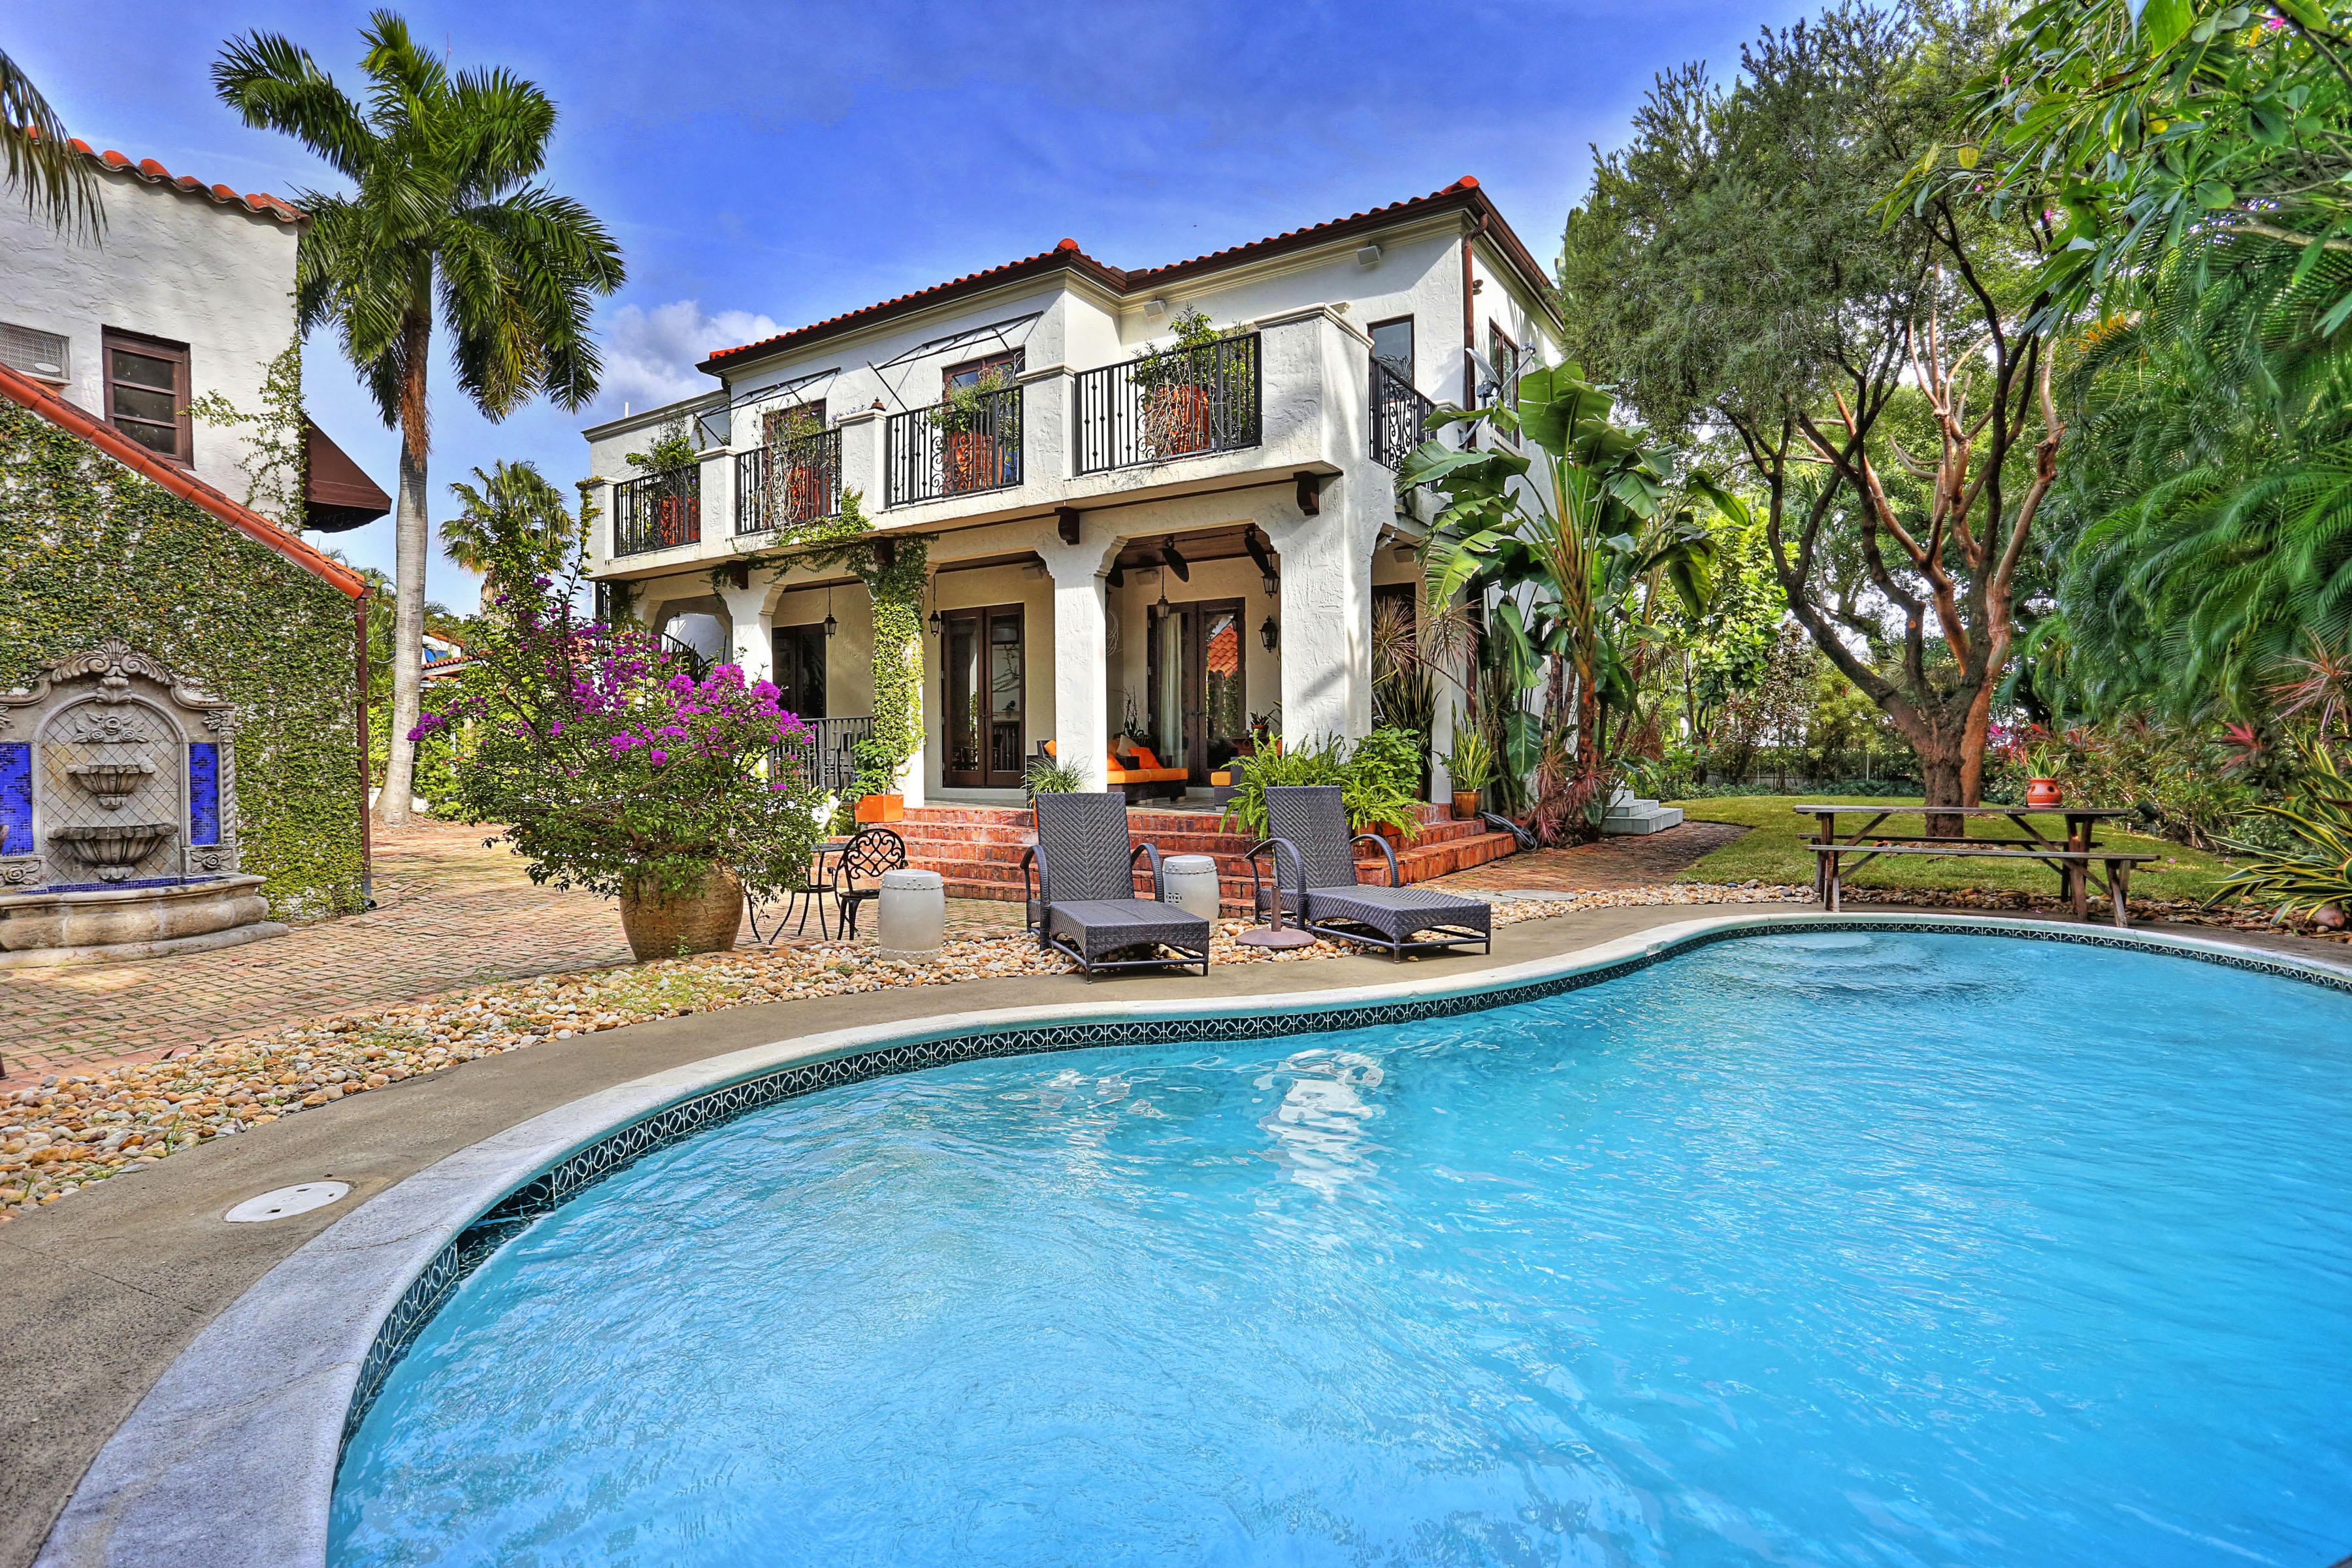 Частный односемейный дом для того Продажа на 5924 Alton Rd Miami Beach, Флорида, 33140 Соединенные Штаты